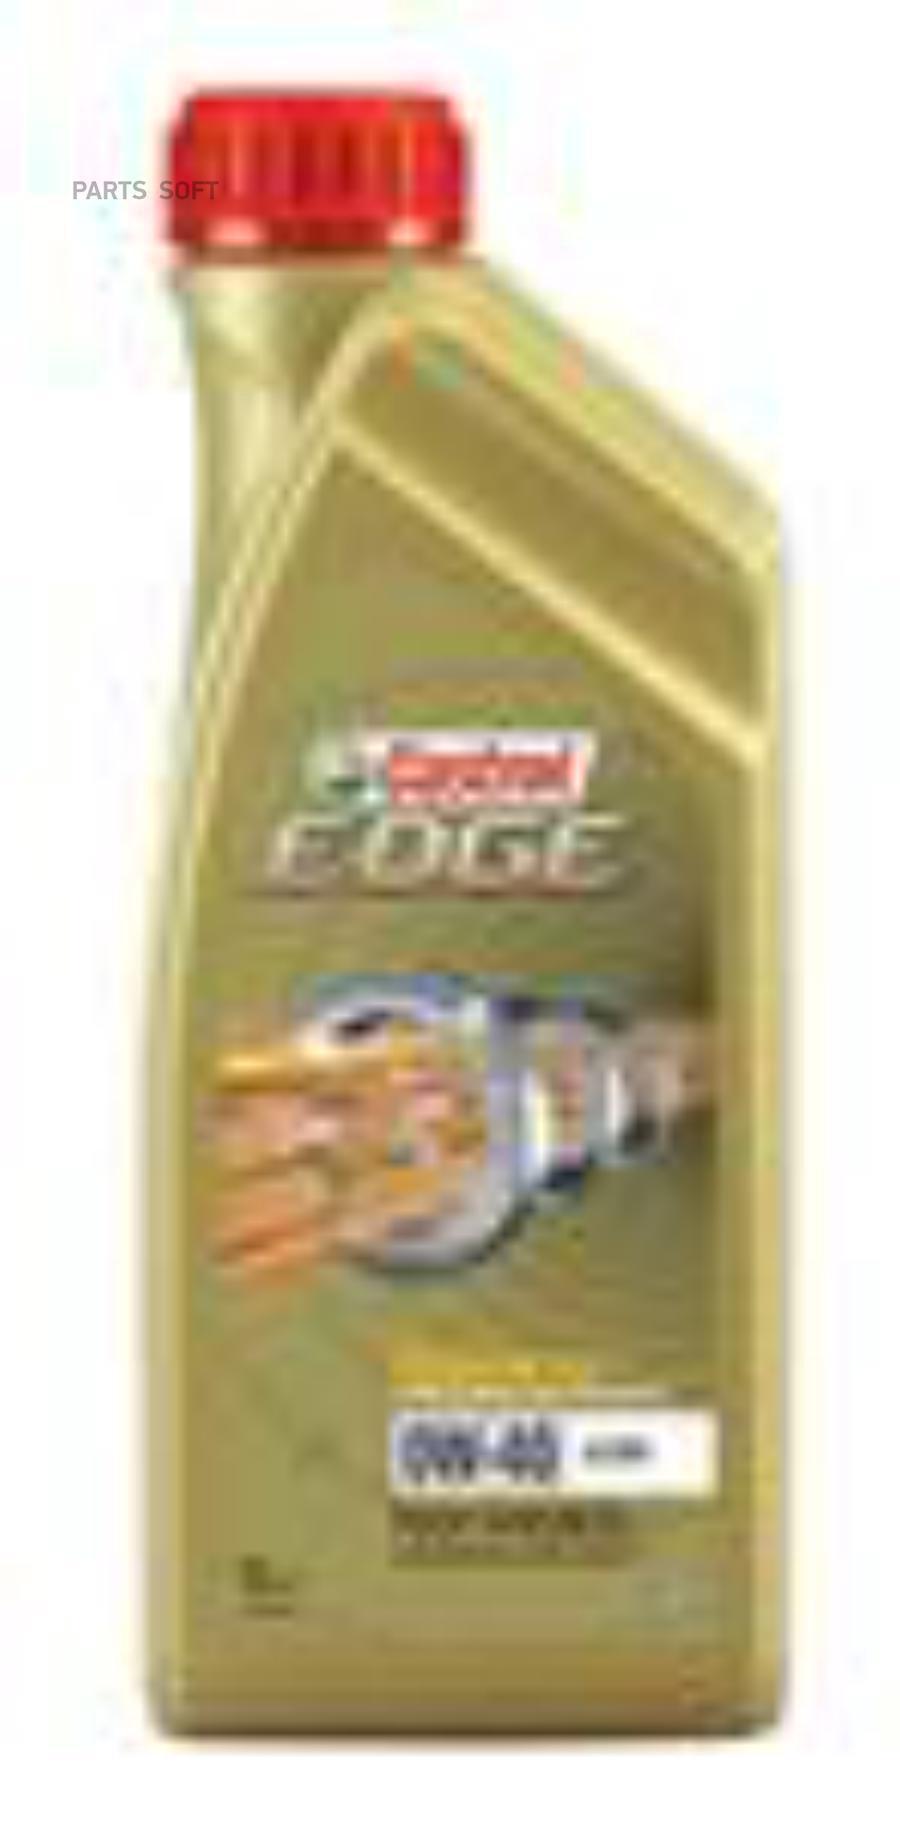 Масло моторное синтетическое EDGE A3/B4 TITANIUM FST 0W-40, 1л